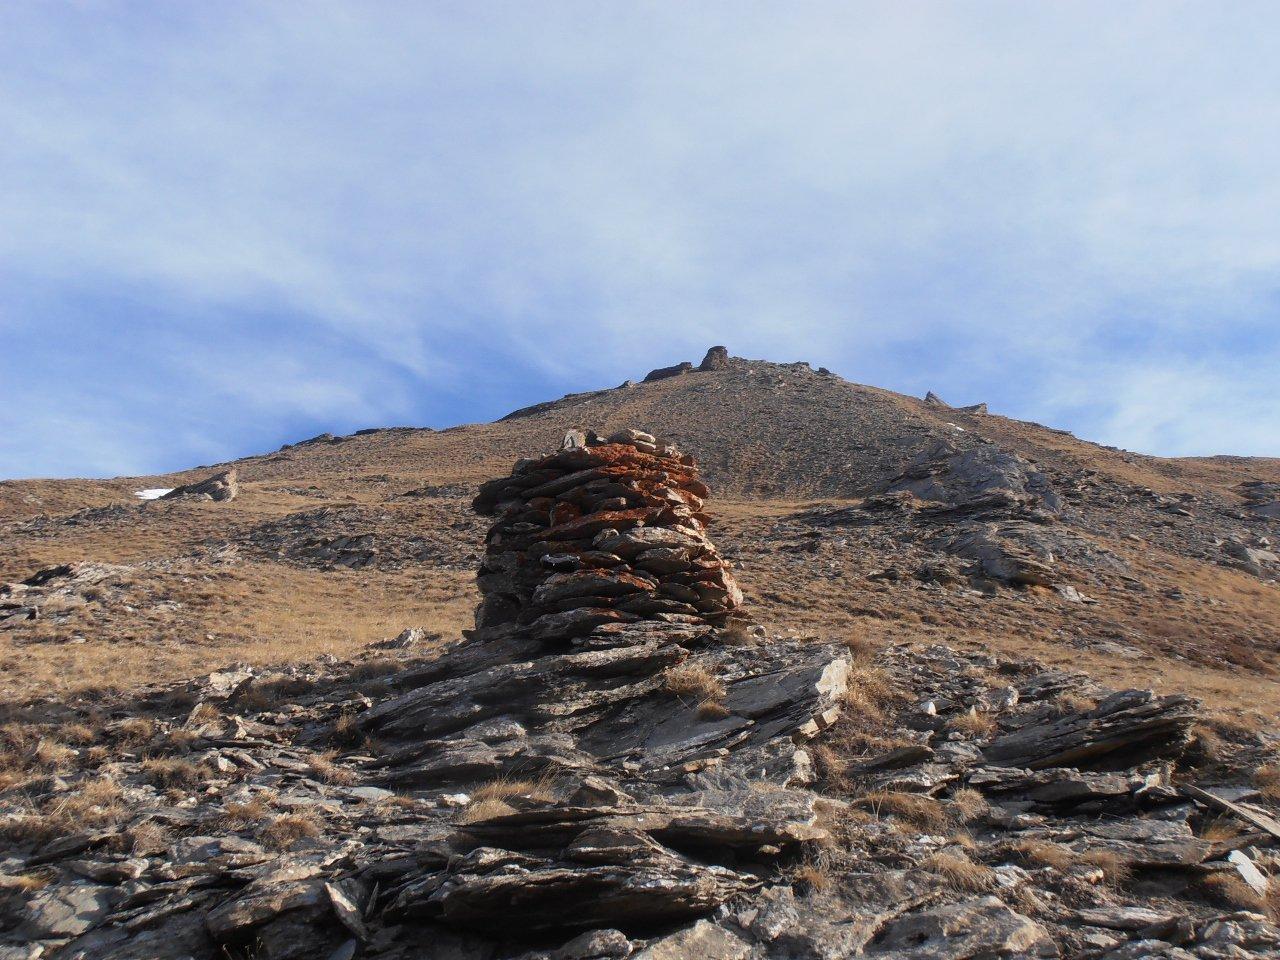 06 - dal grande ometto di pietra nella foto mirare ai roccioni sulla cresta-dorsale